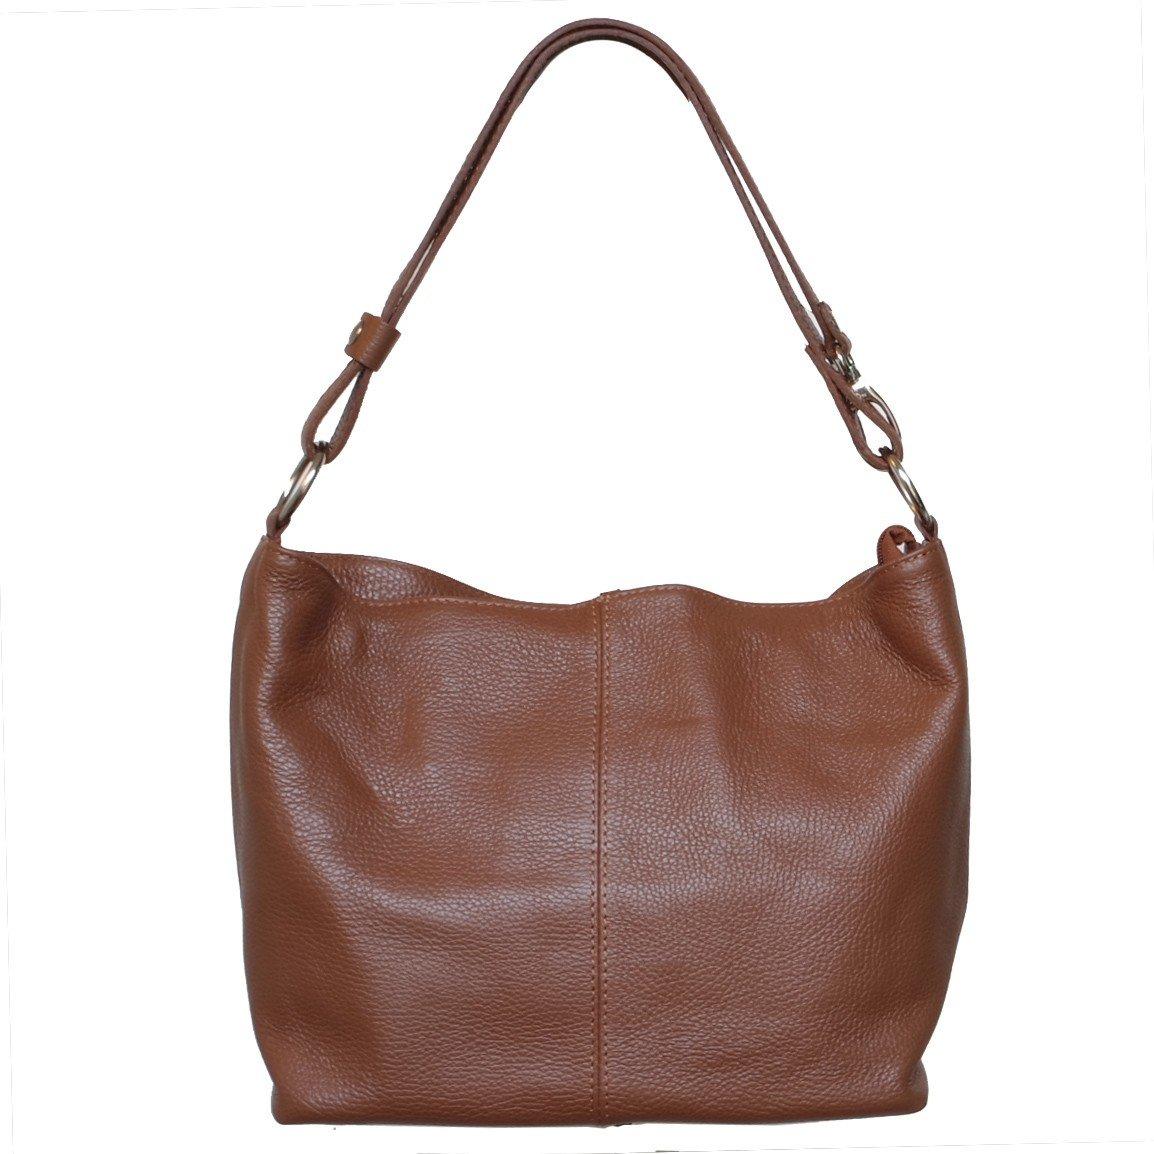 8b8bece1fea3 Flora Espana Кожаная сумка трансформер - коричневая